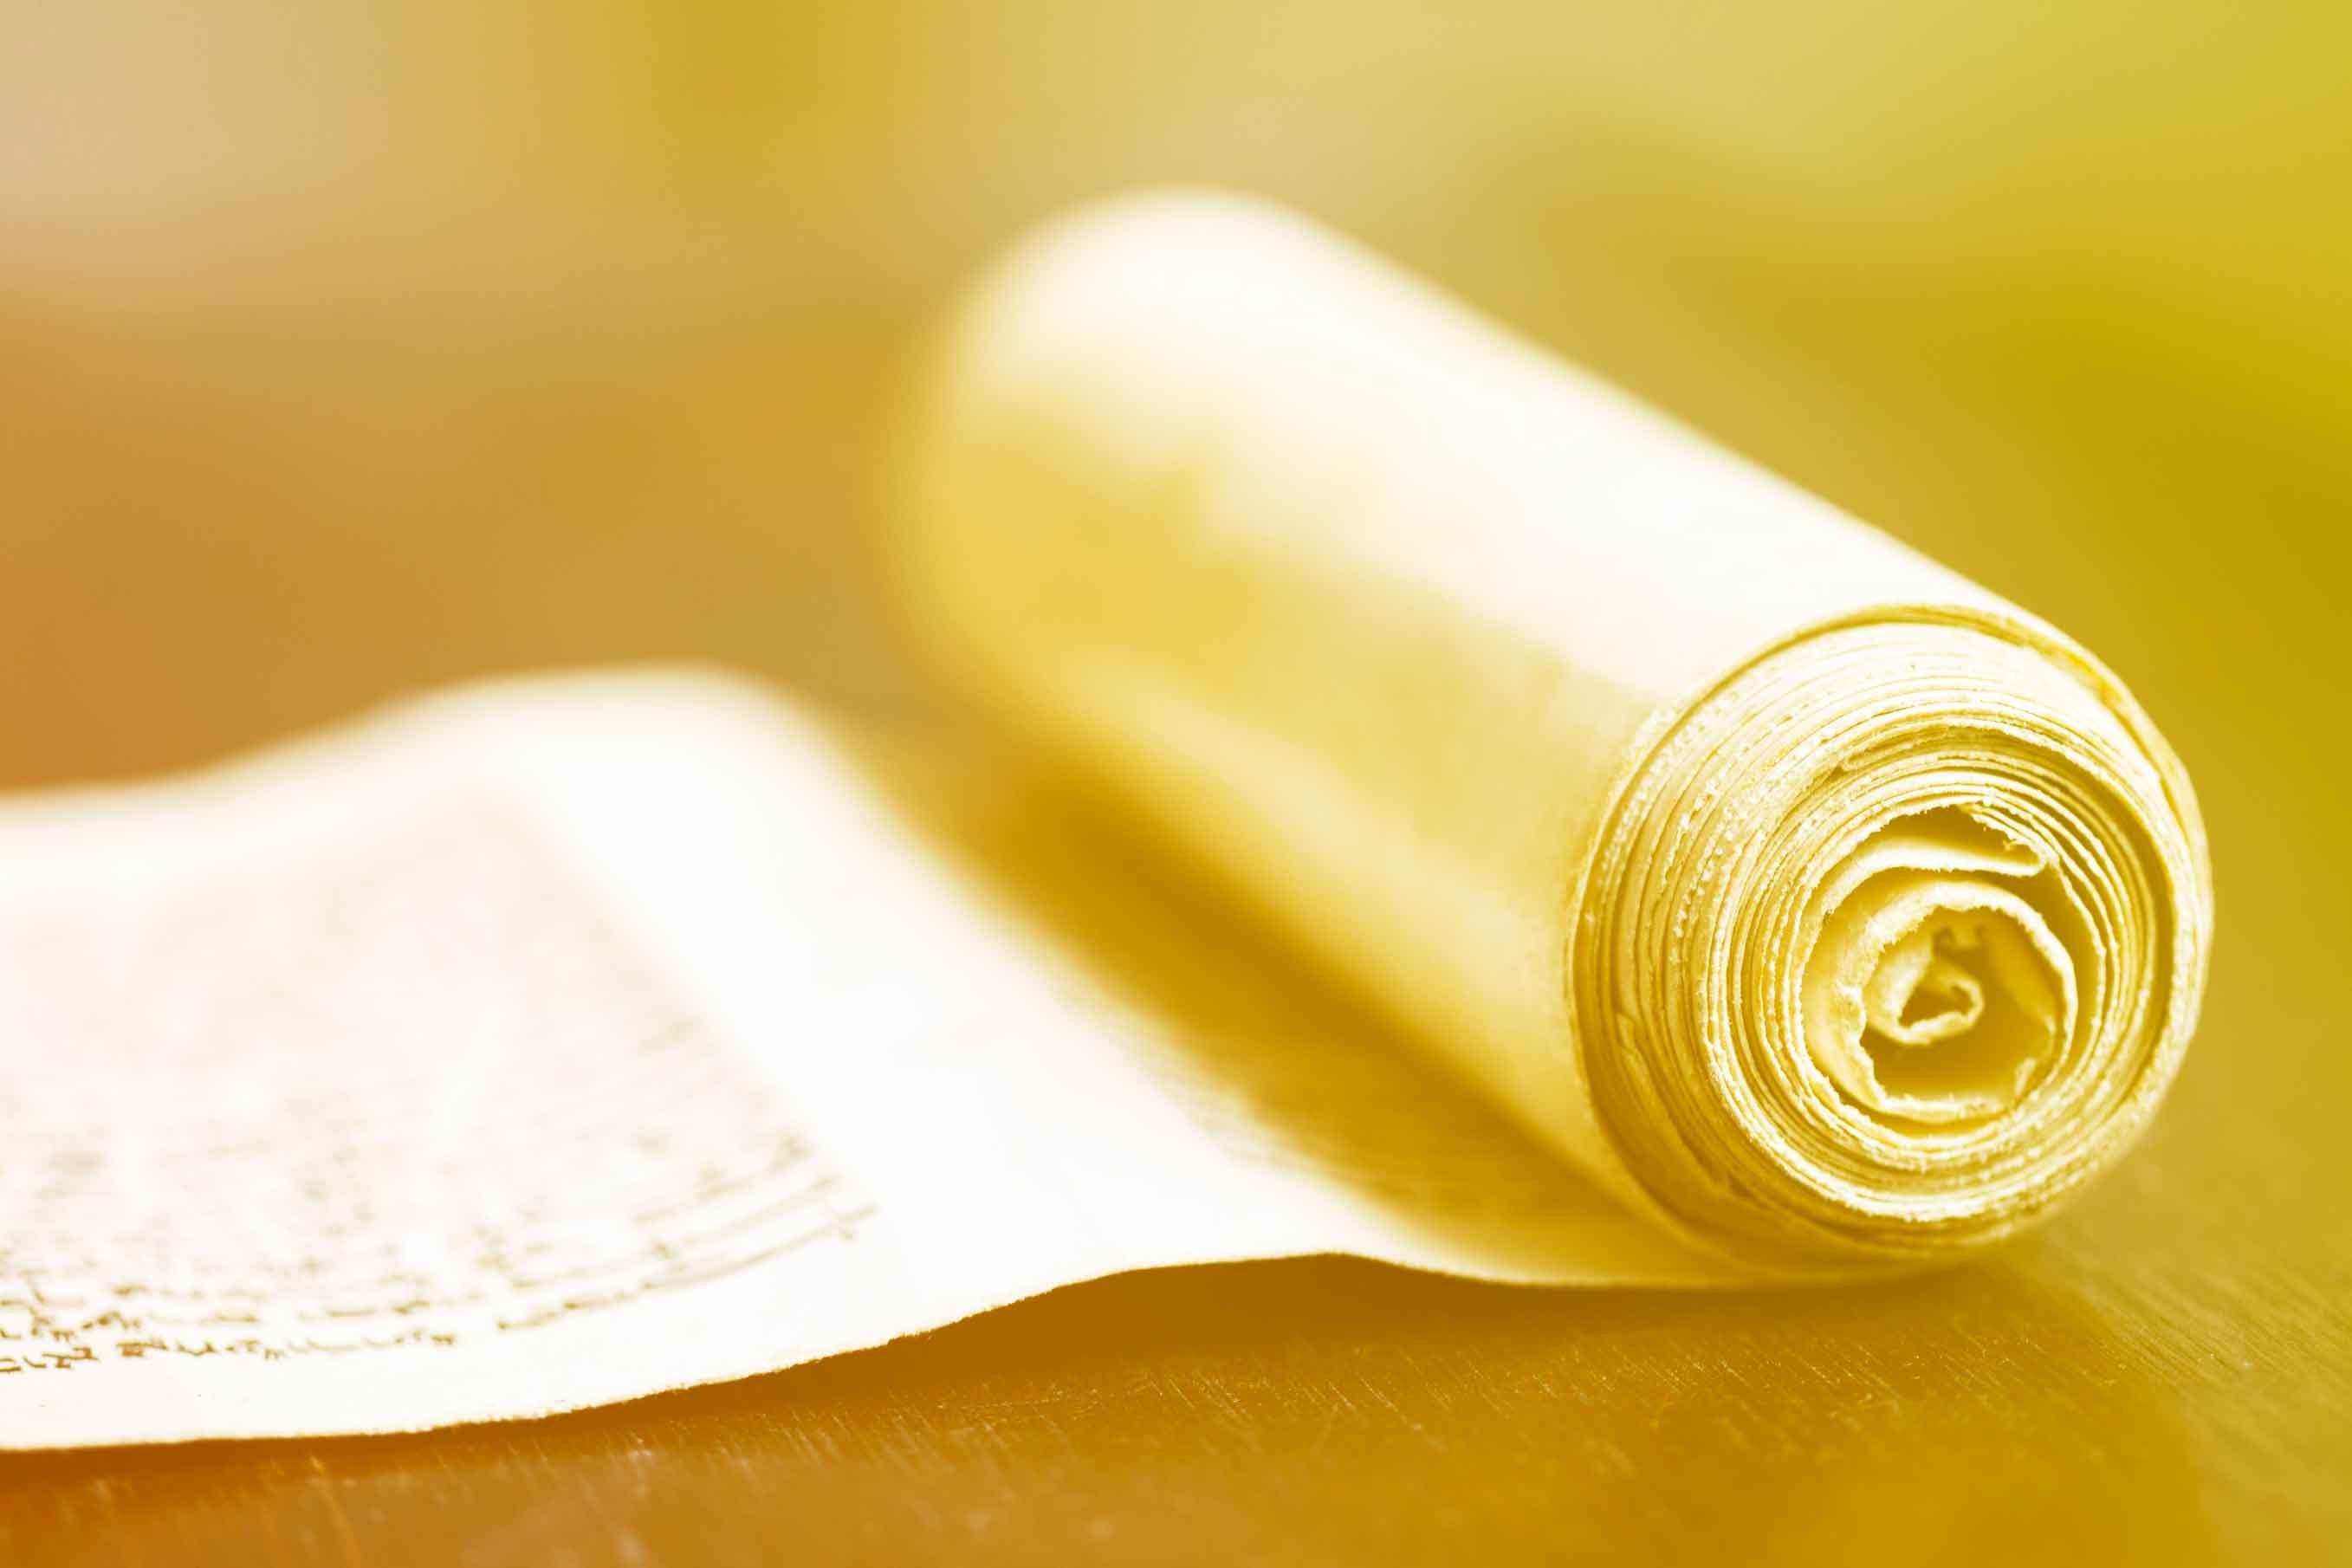 christopher columbus s resume reader s digest reader s digest